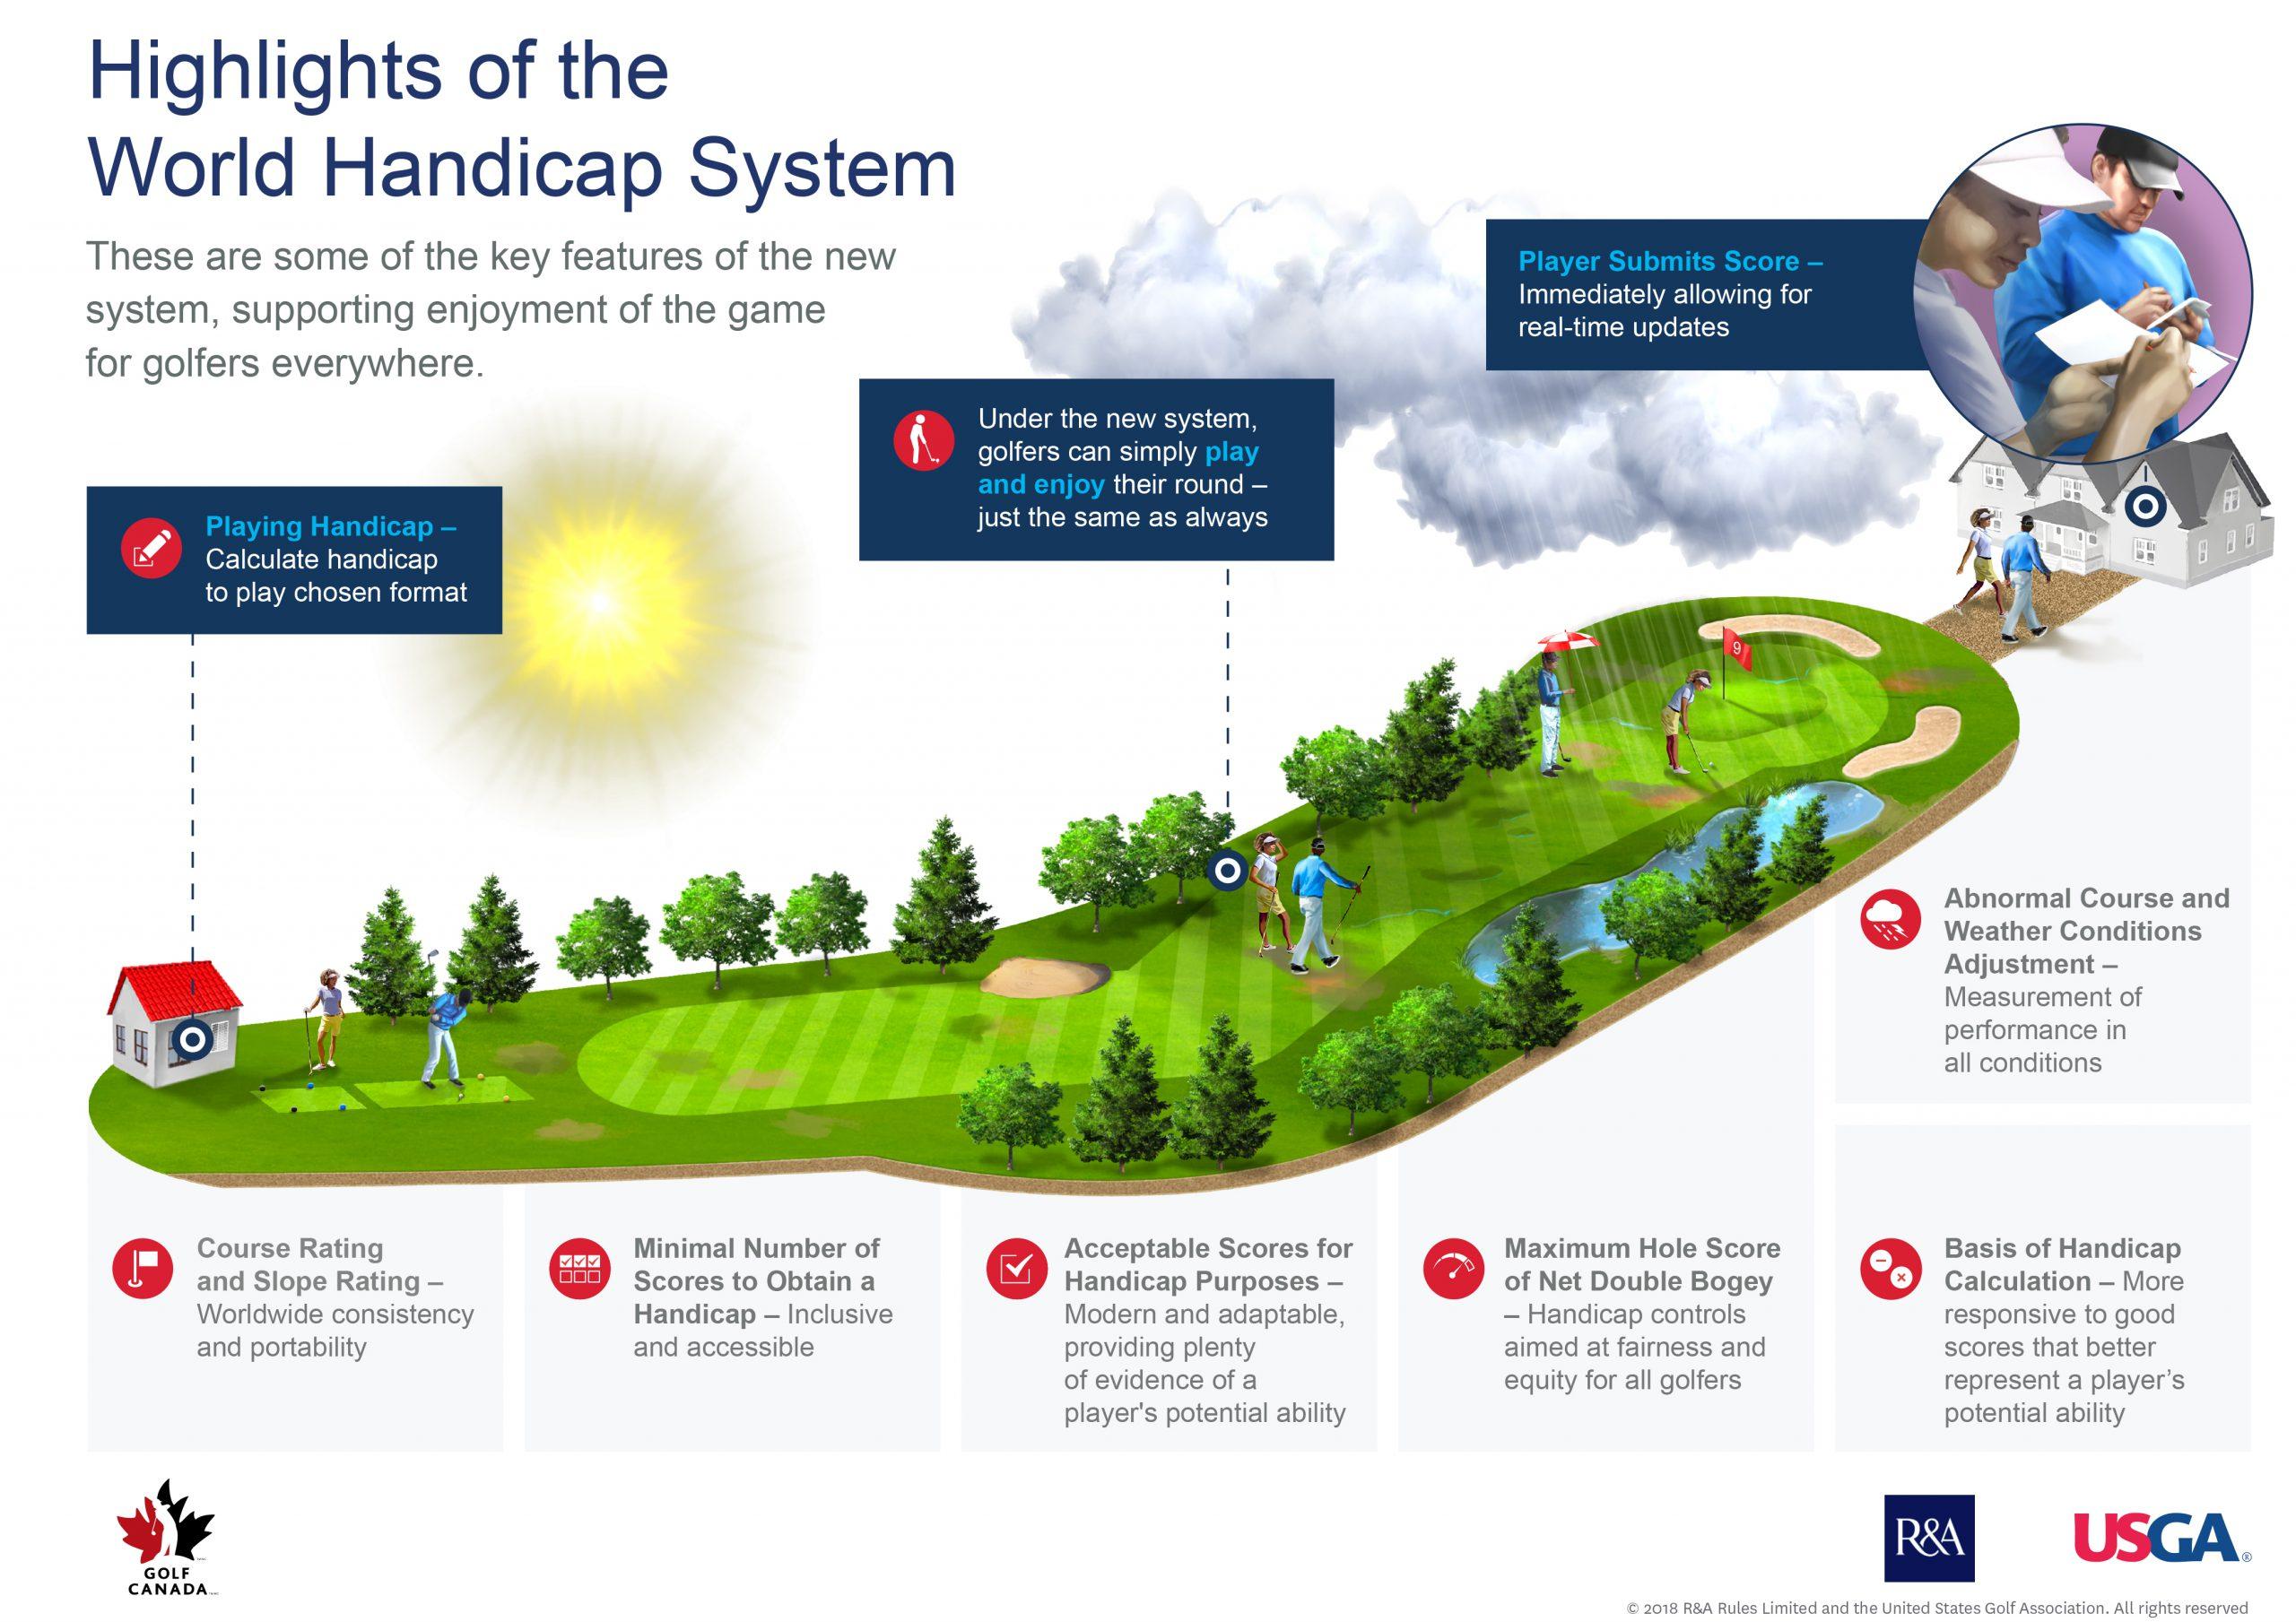 World Handicap System - Highlights